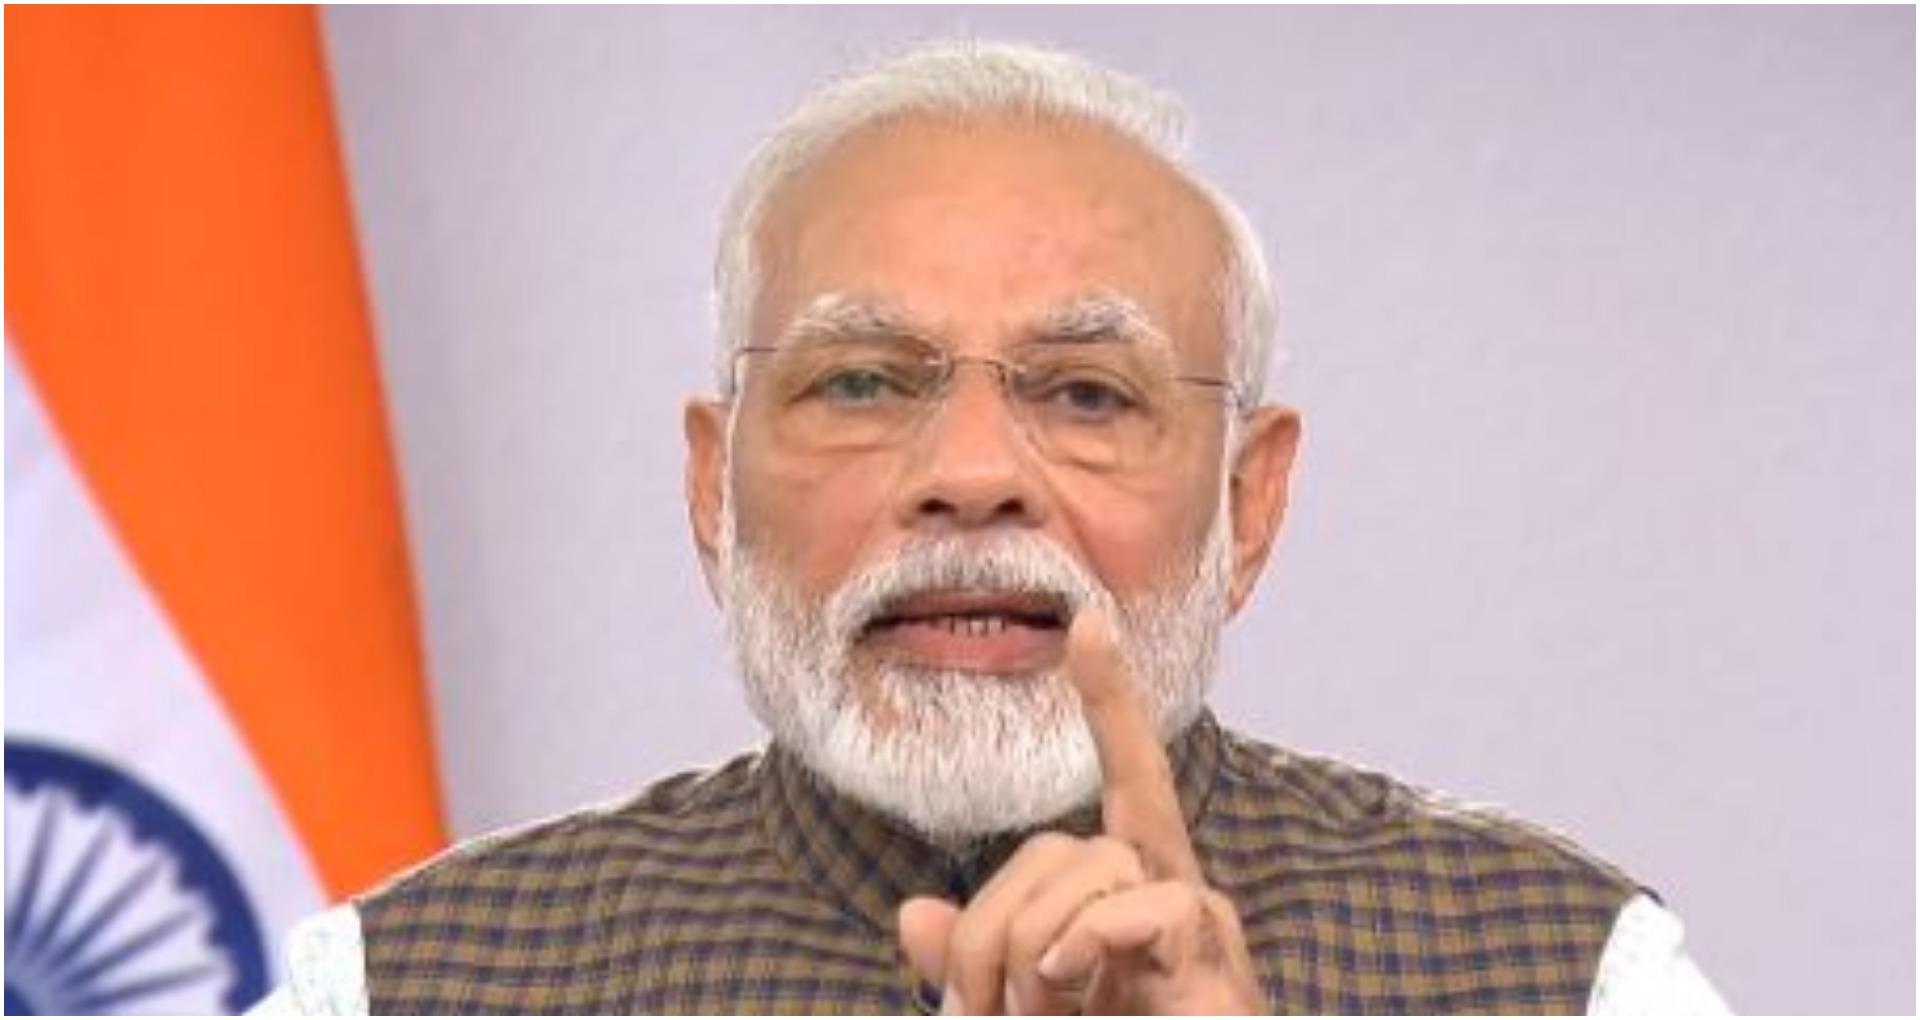 India Lockdown Do's and Don'ts: 21 दिनों के लिए भारत बंद, आप इन दिनों क्या कर सकते और क्या नहीं, यहां जानें